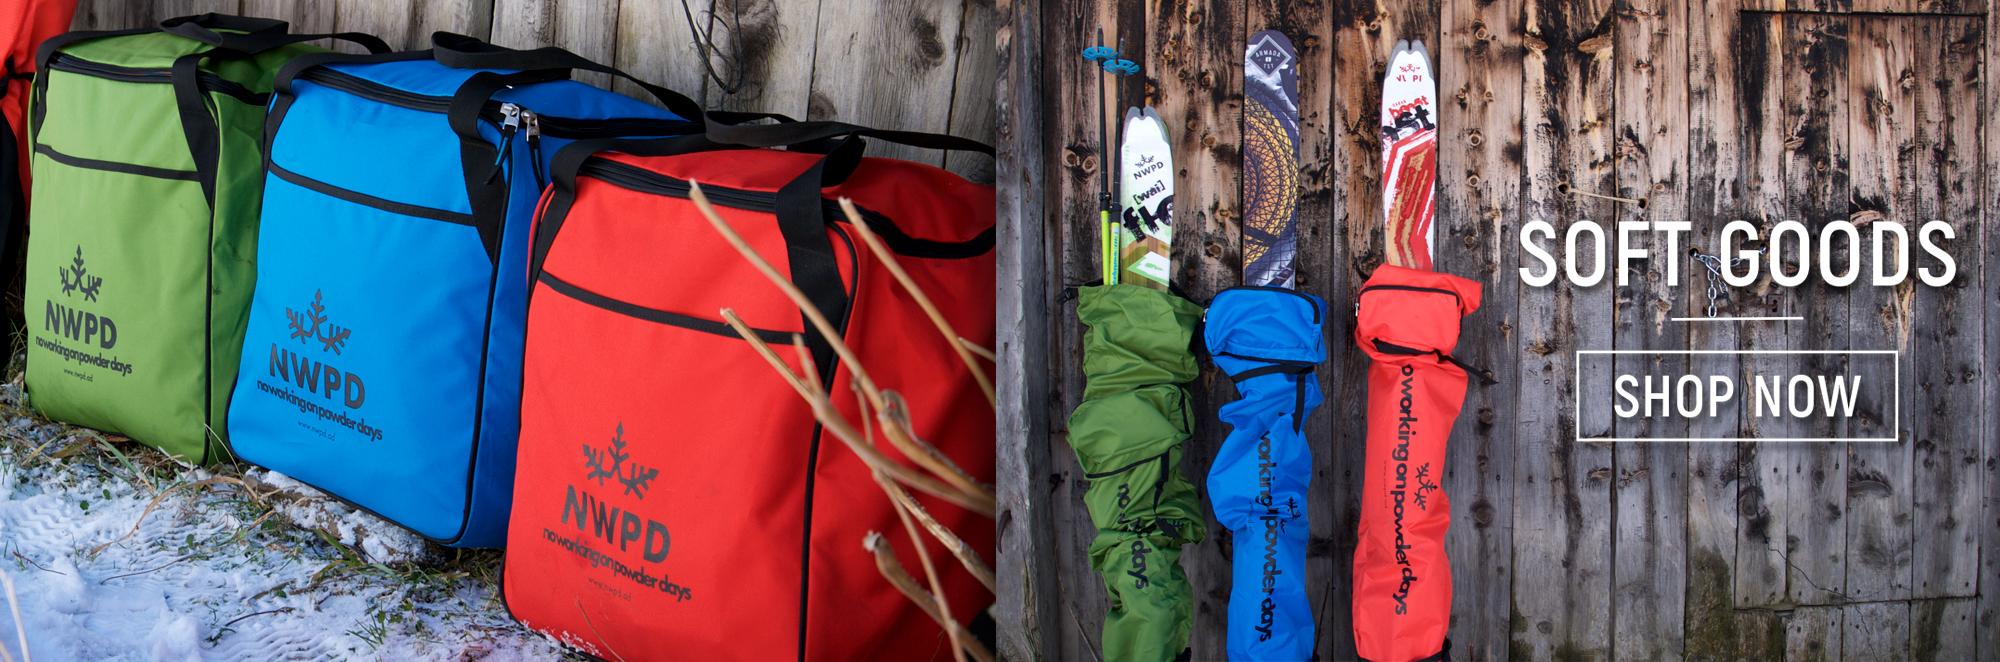 nwpd-slide-bags